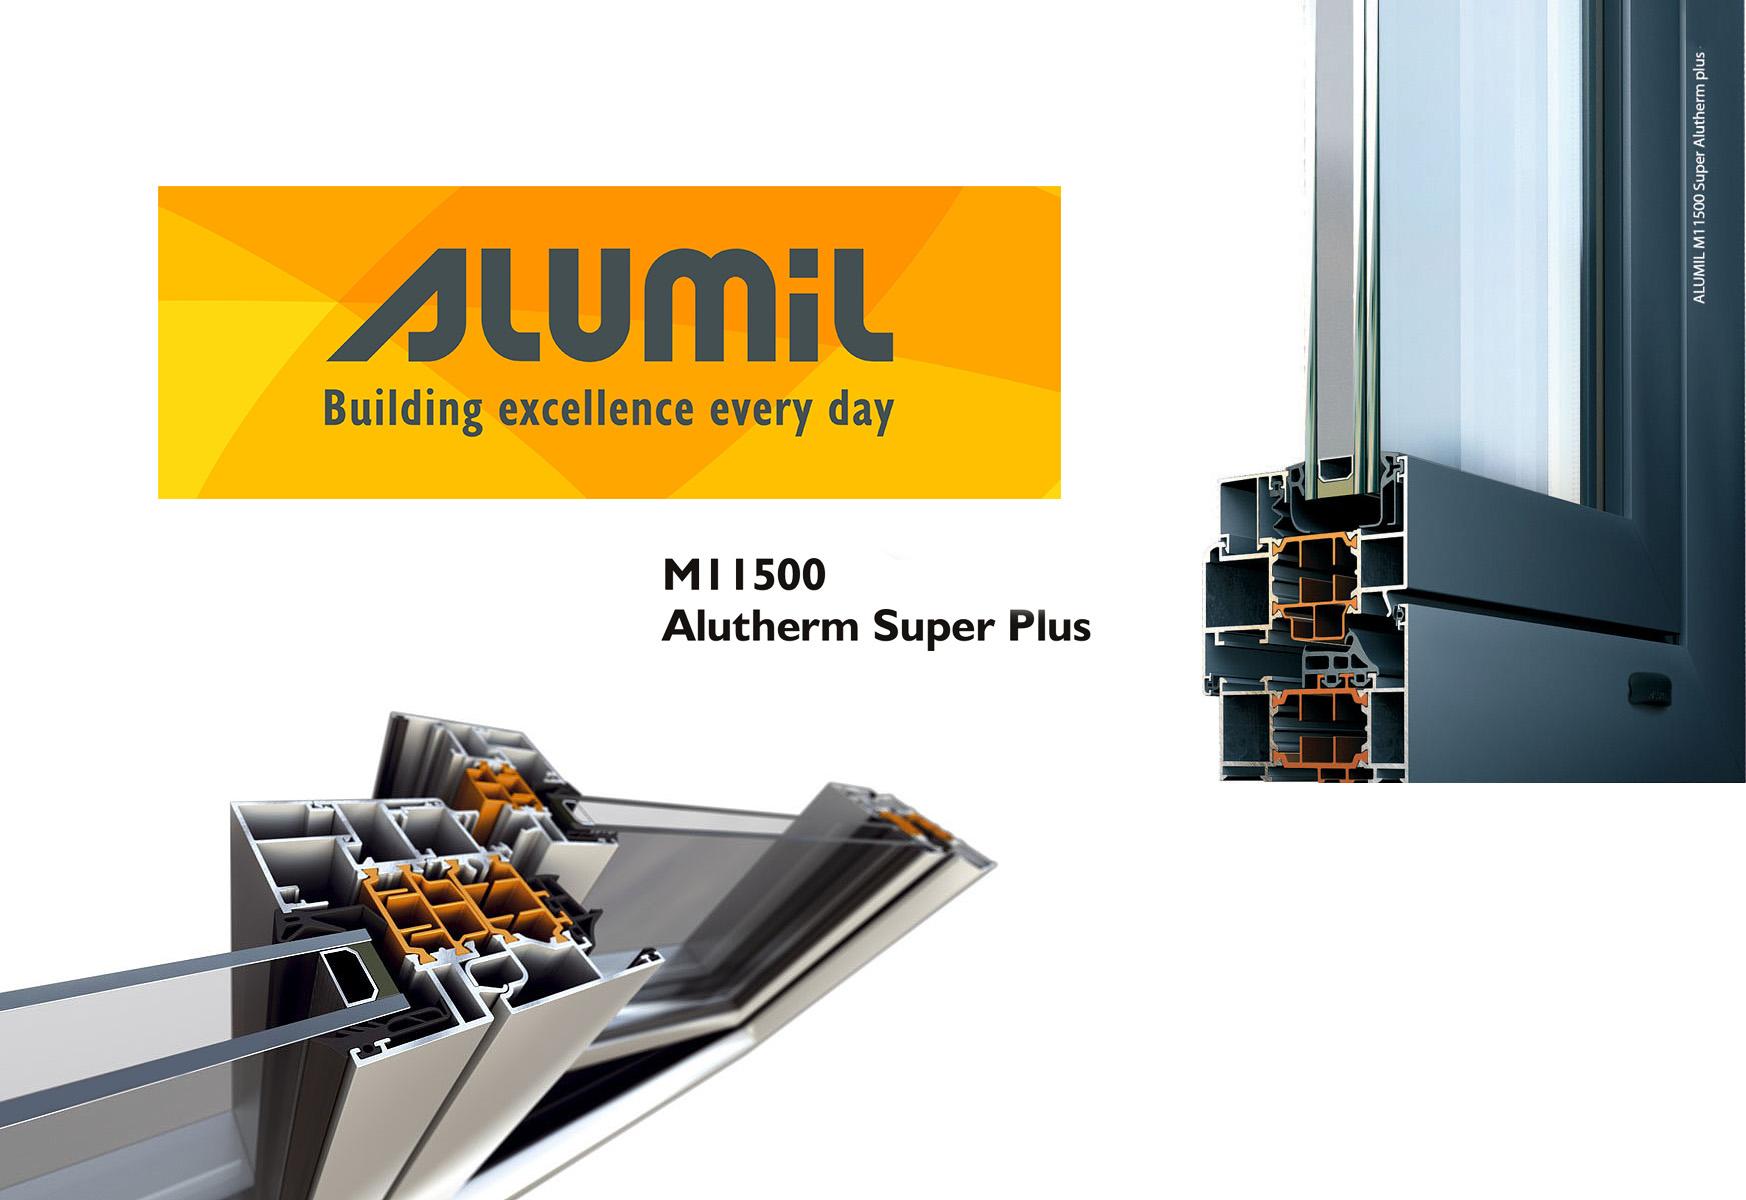 alumil-11500-linija-valjevo